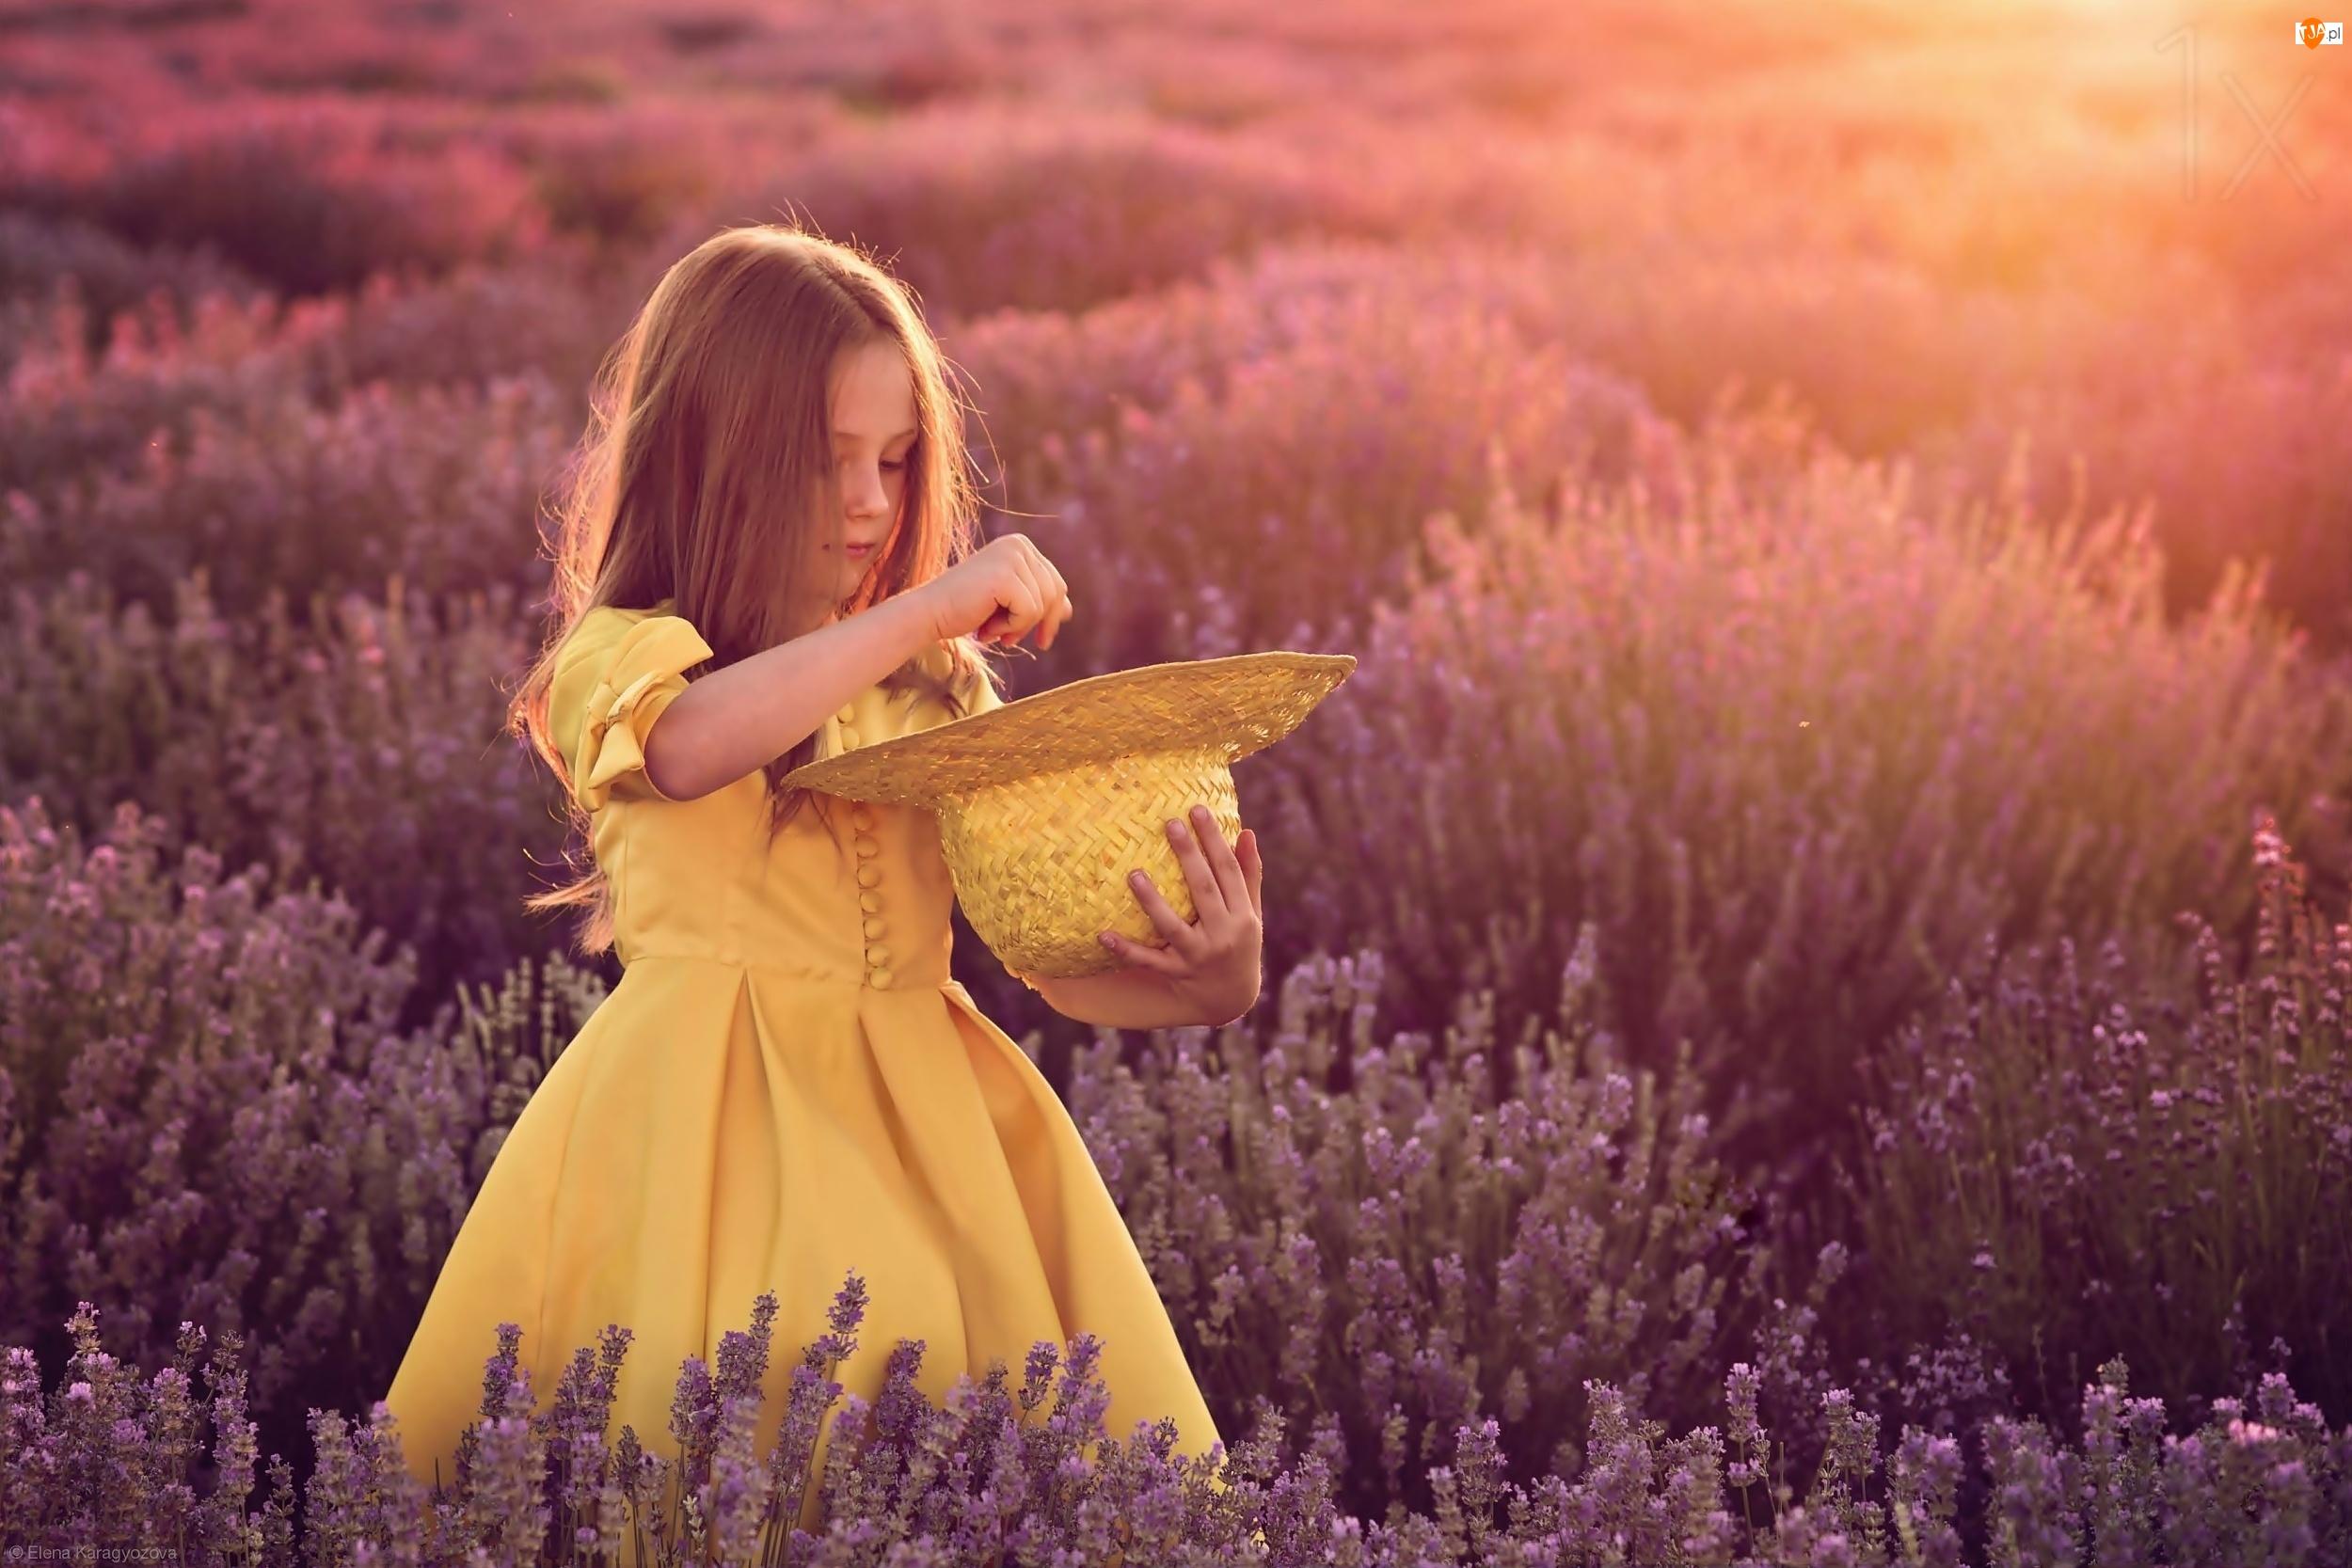 Pole, Promienie, Dziewczynka, Słońca, Kapelusz, Lawenda